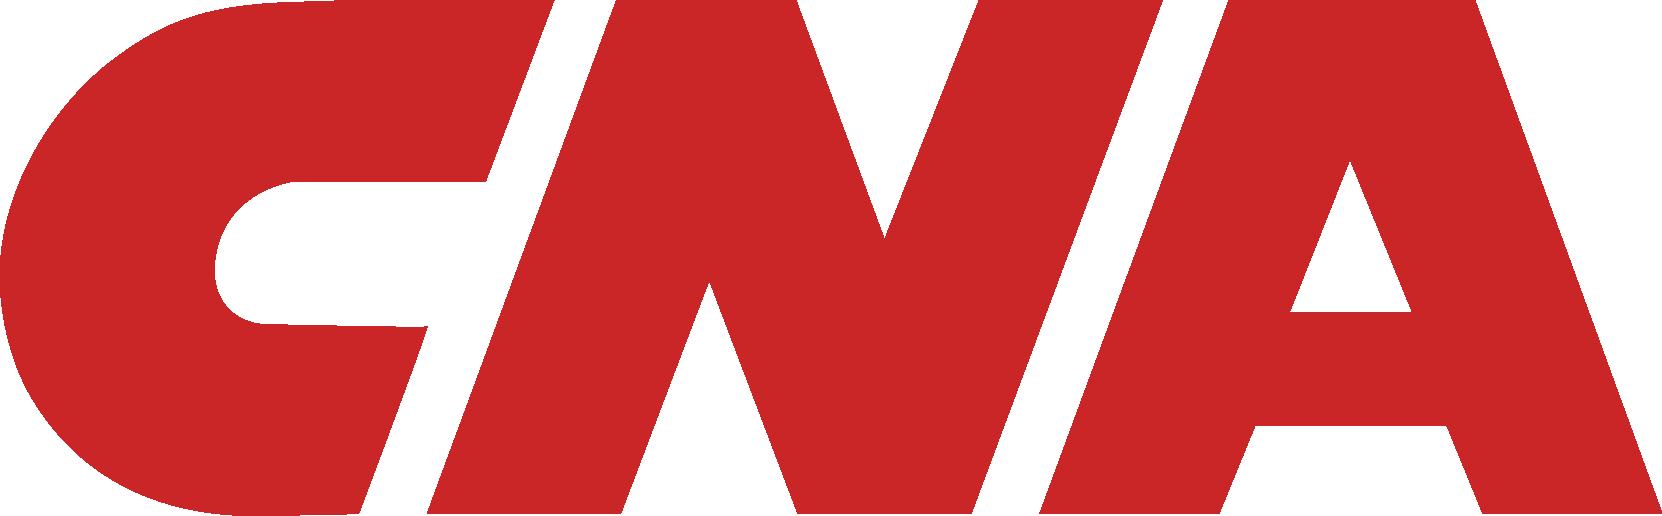 Cna logo clipart royalty free CNA Logo Vector Icon Template Clipart Free Download royalty free